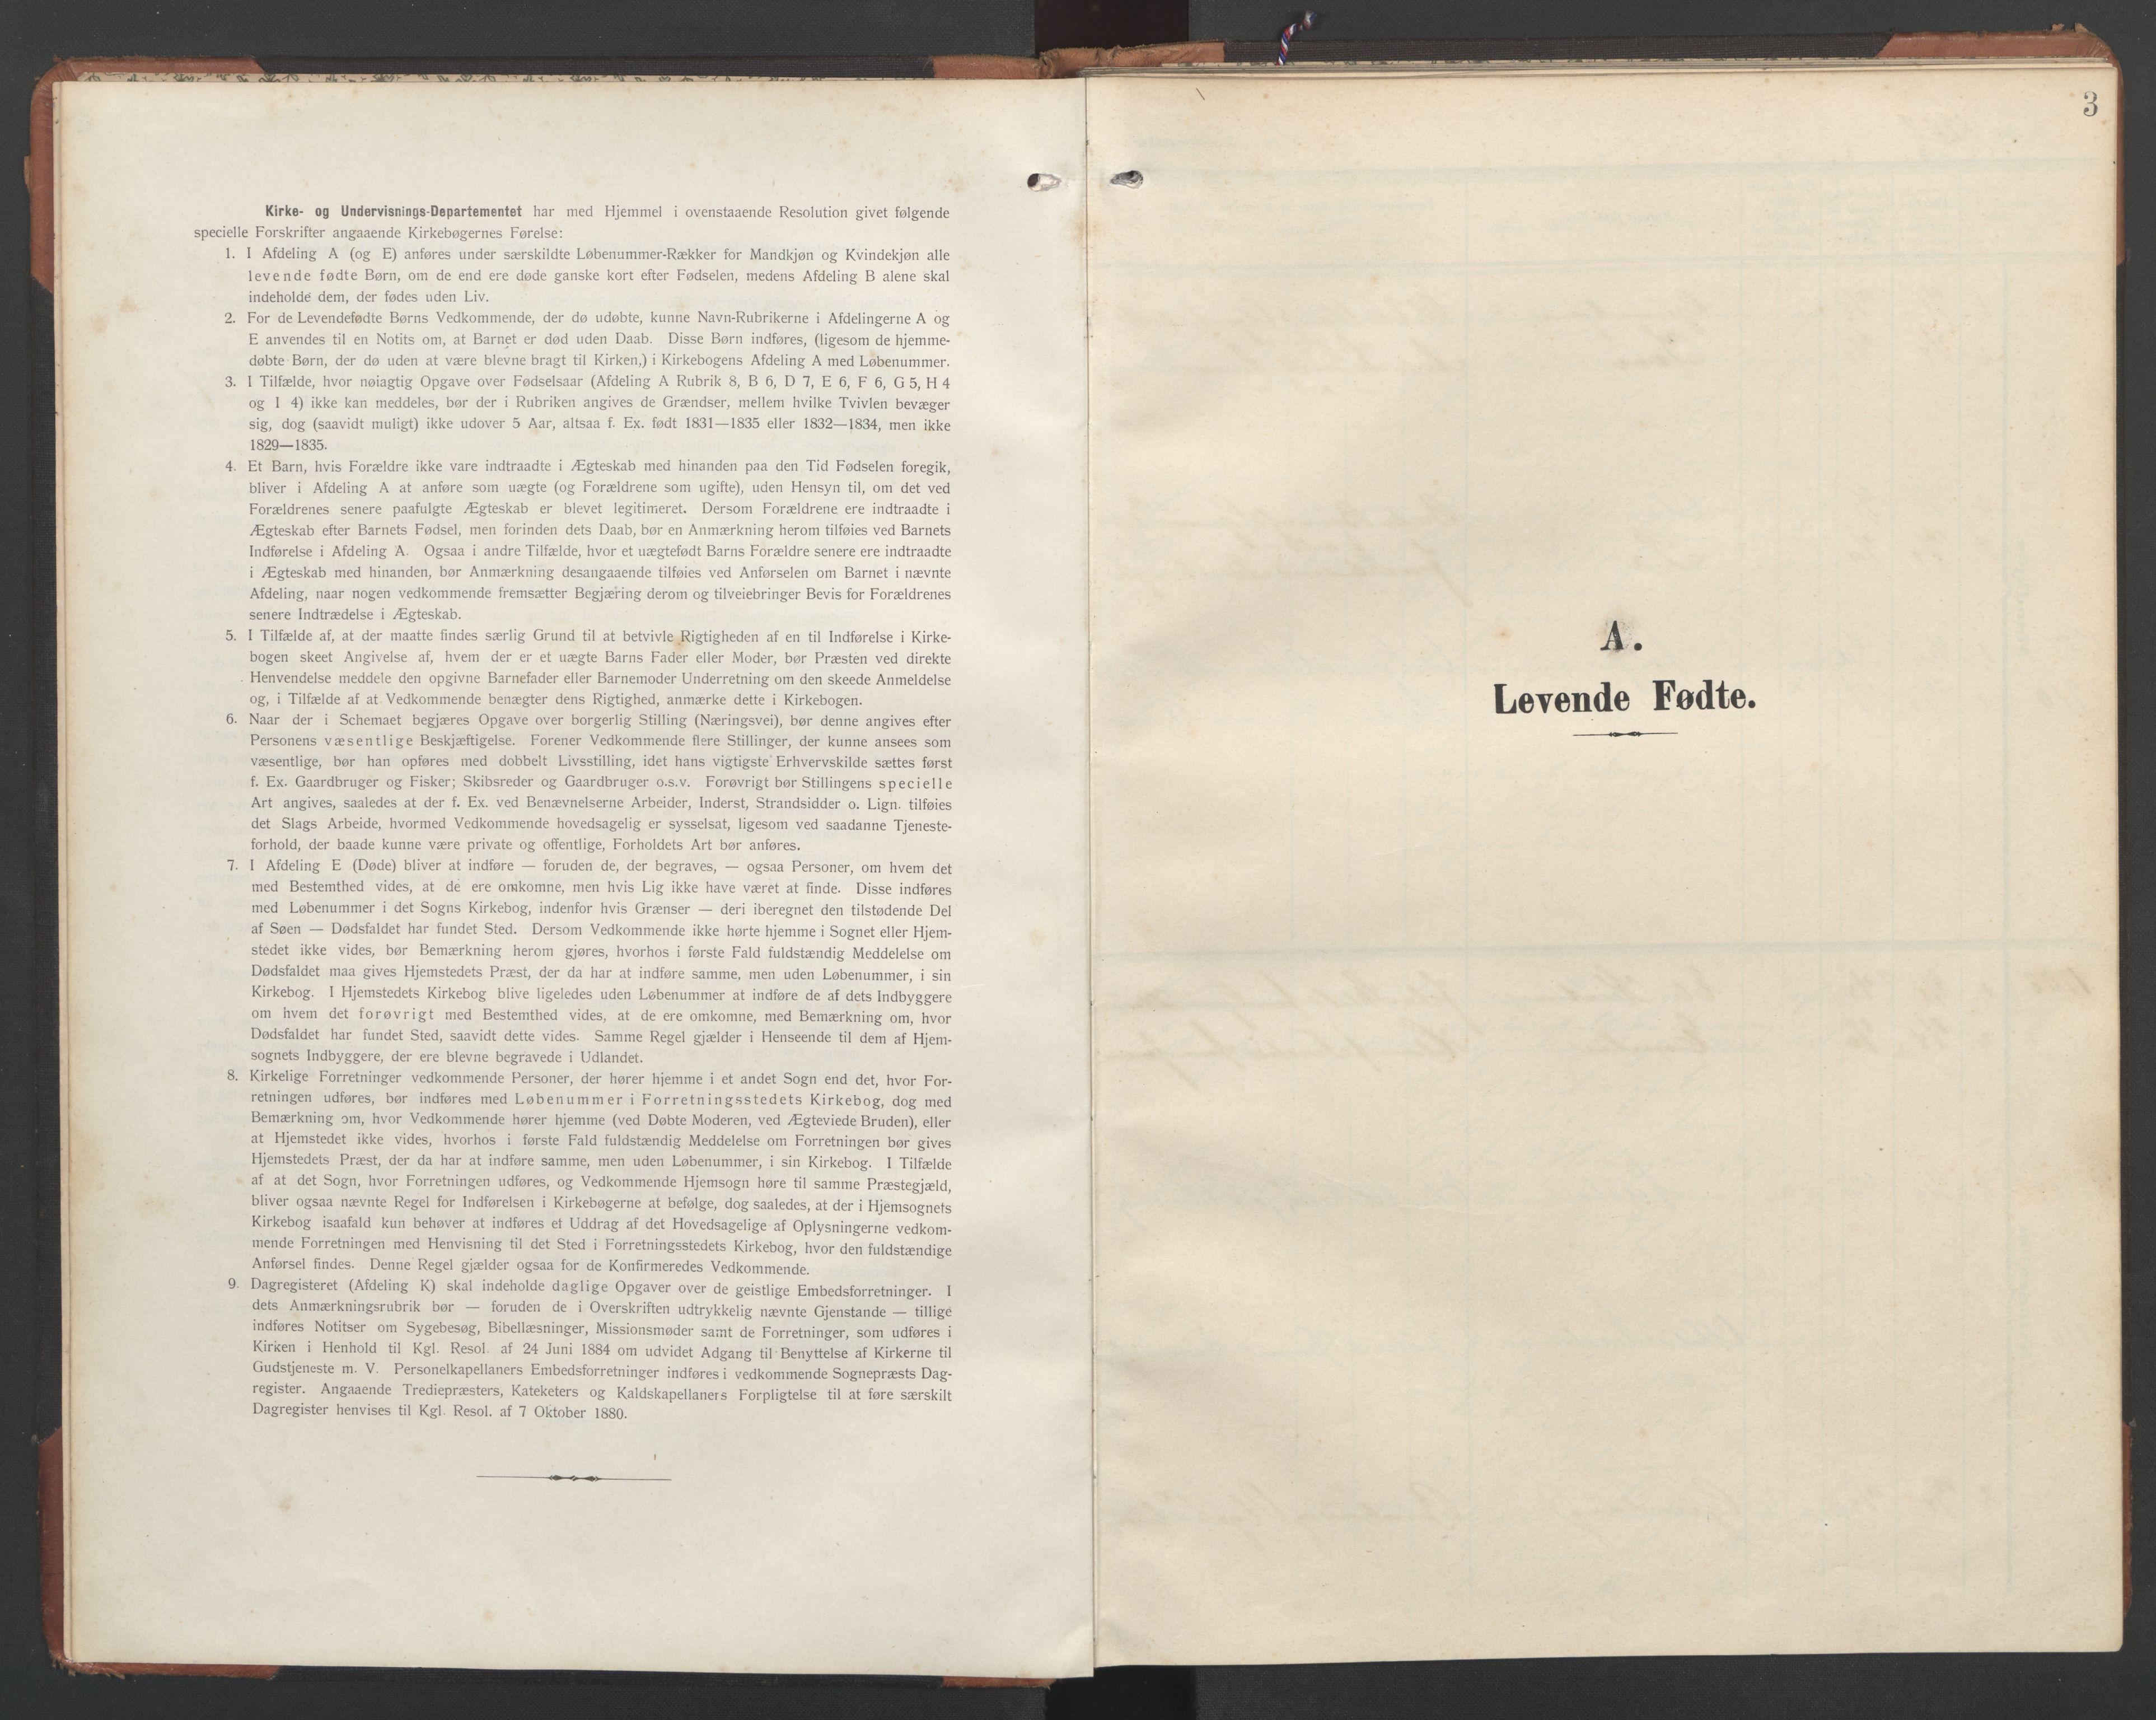 SAT, Ministerialprotokoller, klokkerbøker og fødselsregistre - Nord-Trøndelag, 748/L0465: Klokkerbok nr. 748C01, 1908-1960, s. 3